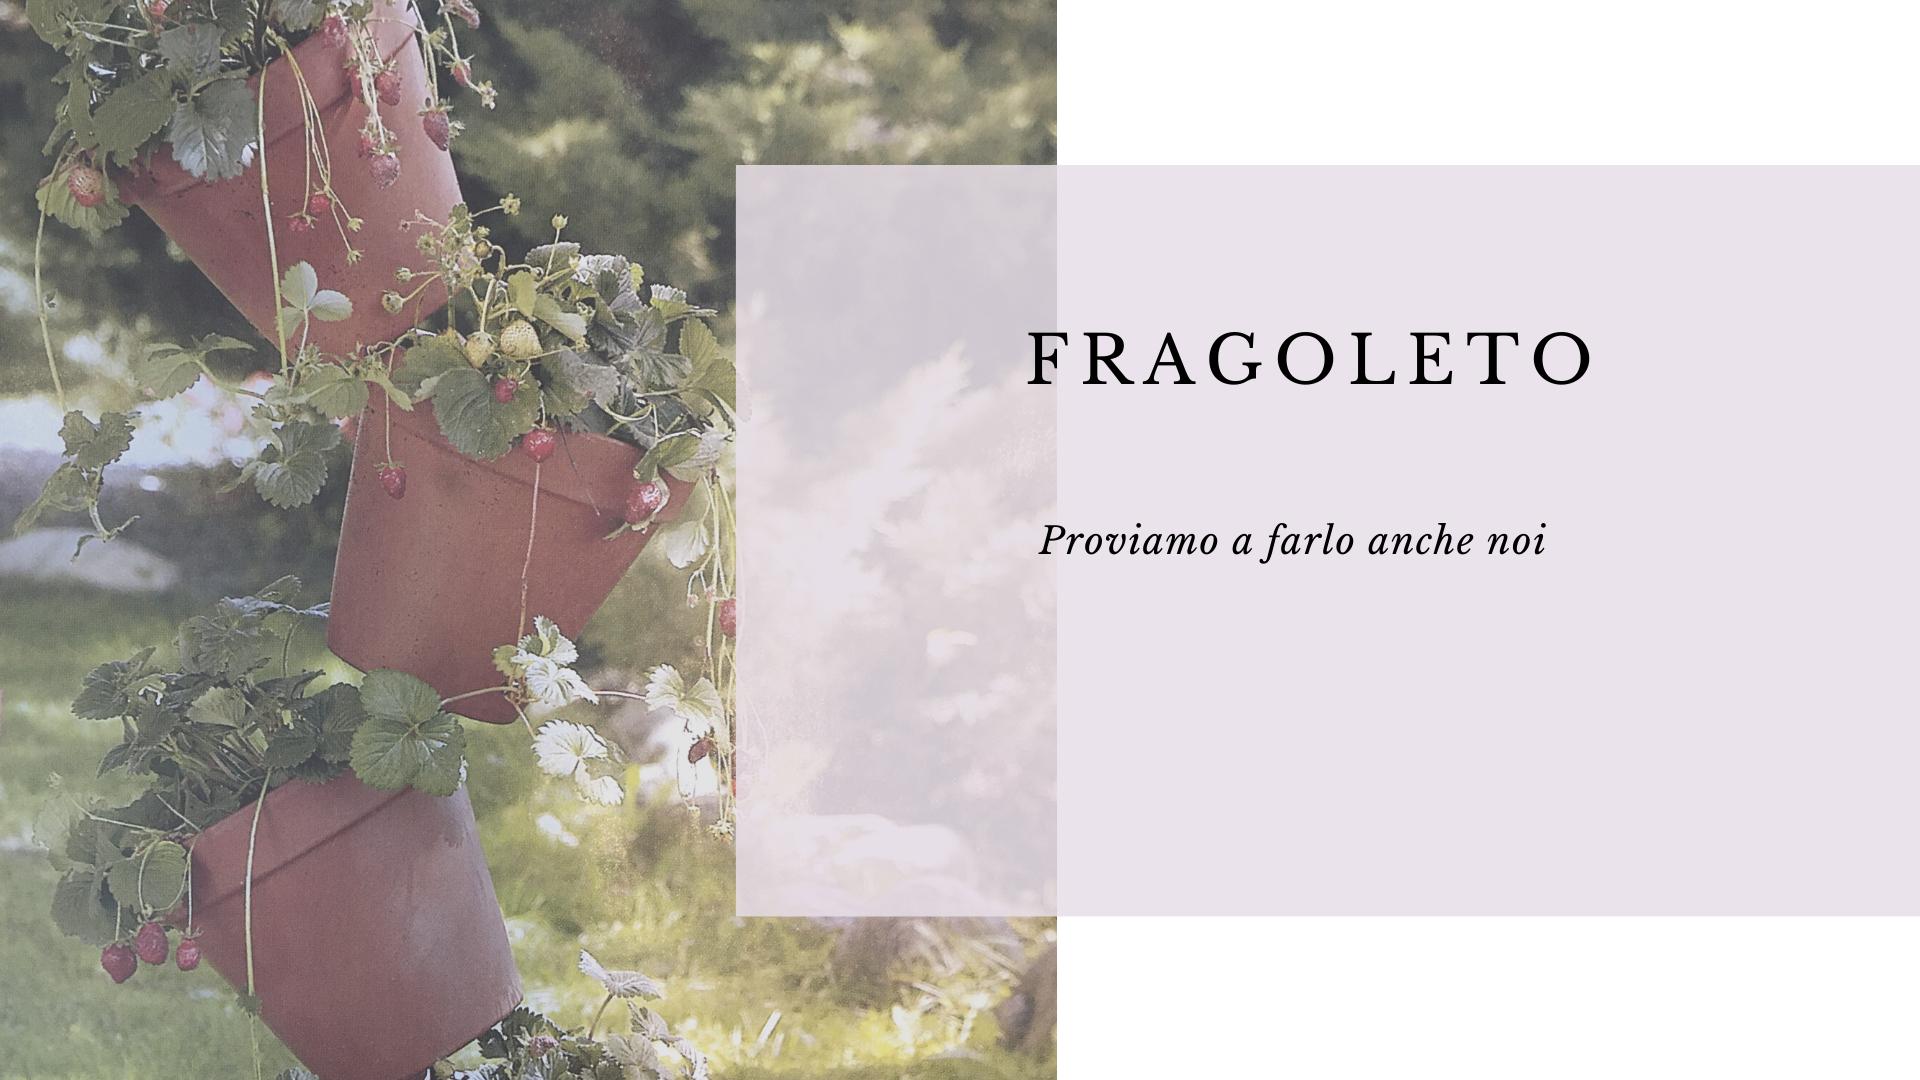 Fragoleto